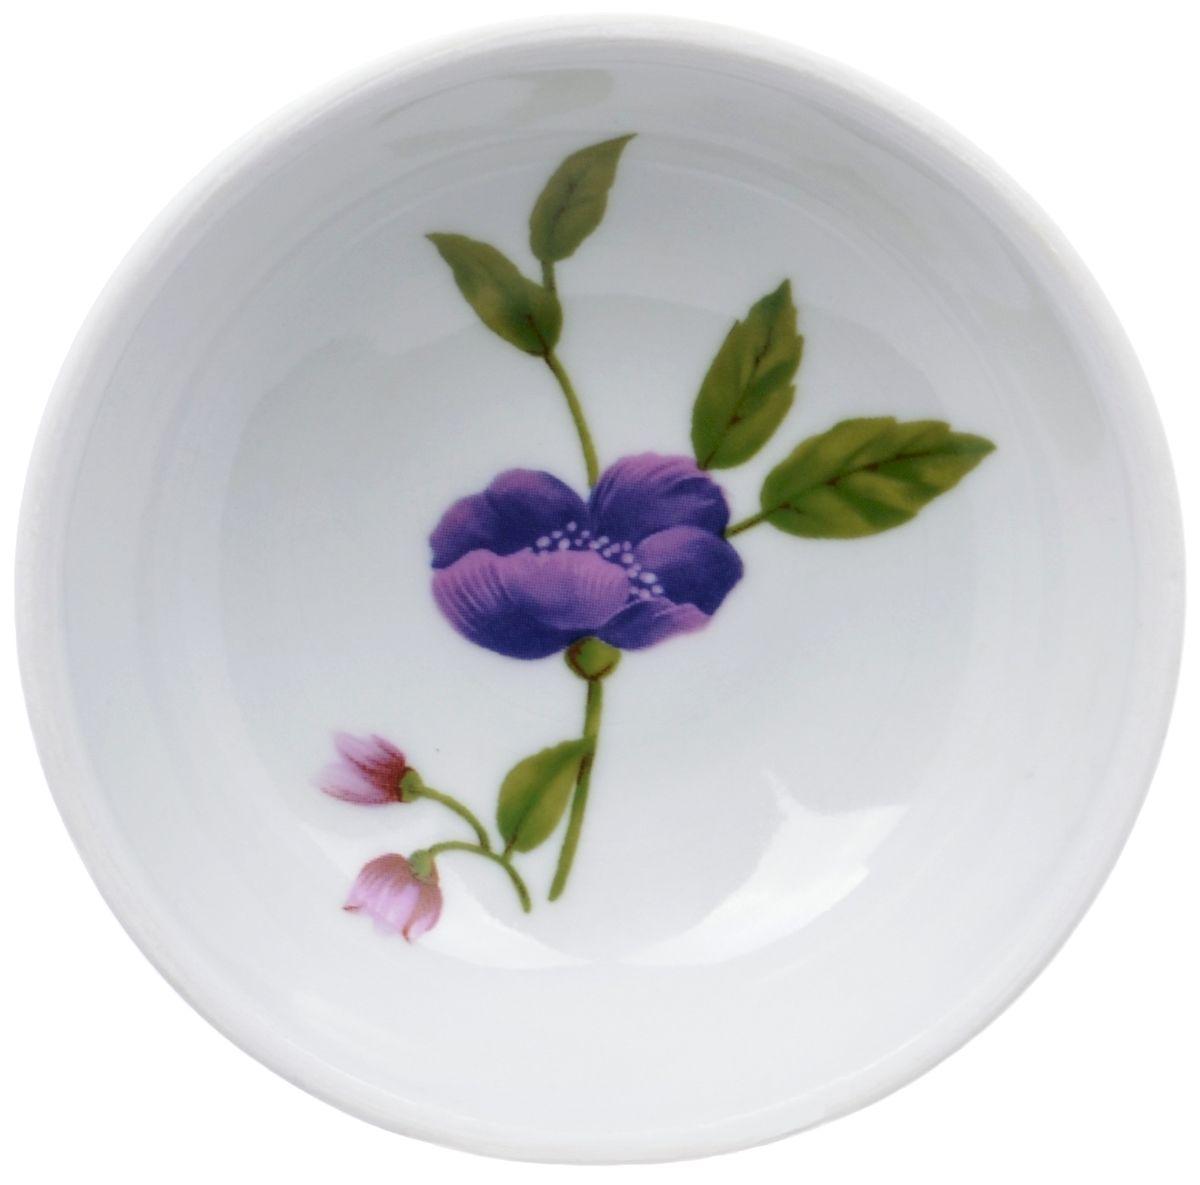 Блюдце Дулевский фарфор Луговые цветы, диаметр 9 смDU03842LFБлюдце Дулевский фарфор Луговые цветы, изготовленное из высококачественного фарфора, оформлено ярким цветочным рисунком. Блюдце украсит сервировку вашего стола. Можно использовать в микроволновой печи и мыть в посудомоечной машине. Не рекомендуется использовать абразивные моющие средства.